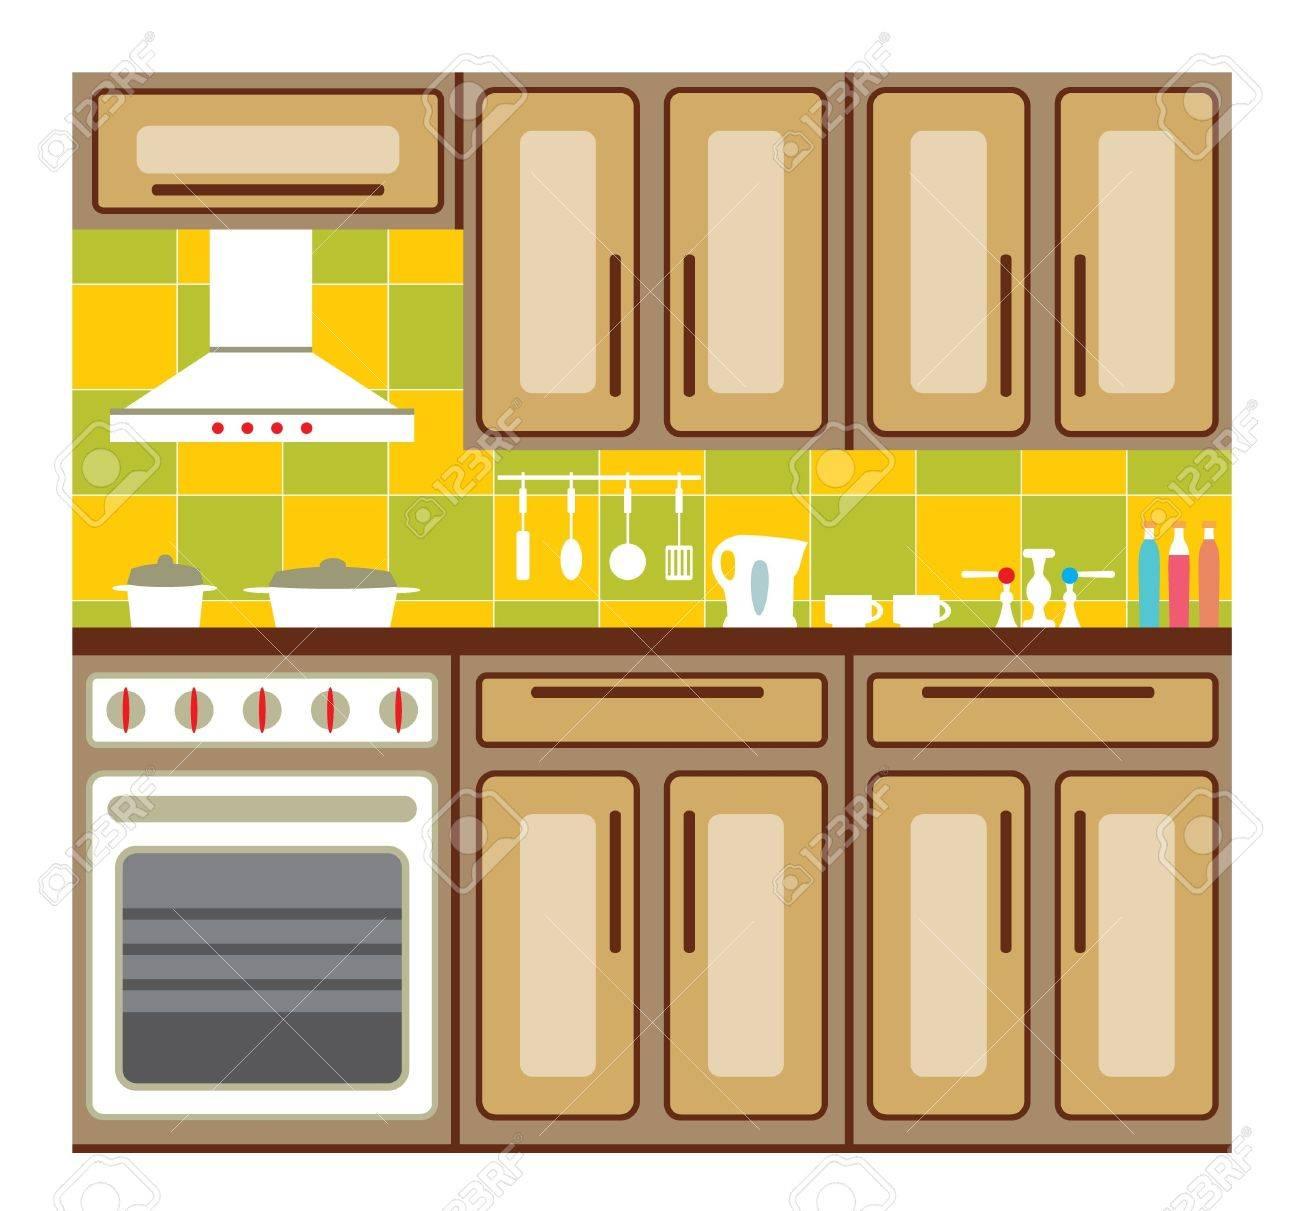 Cocina interior con elementos de diseño y accesorios de cocina.